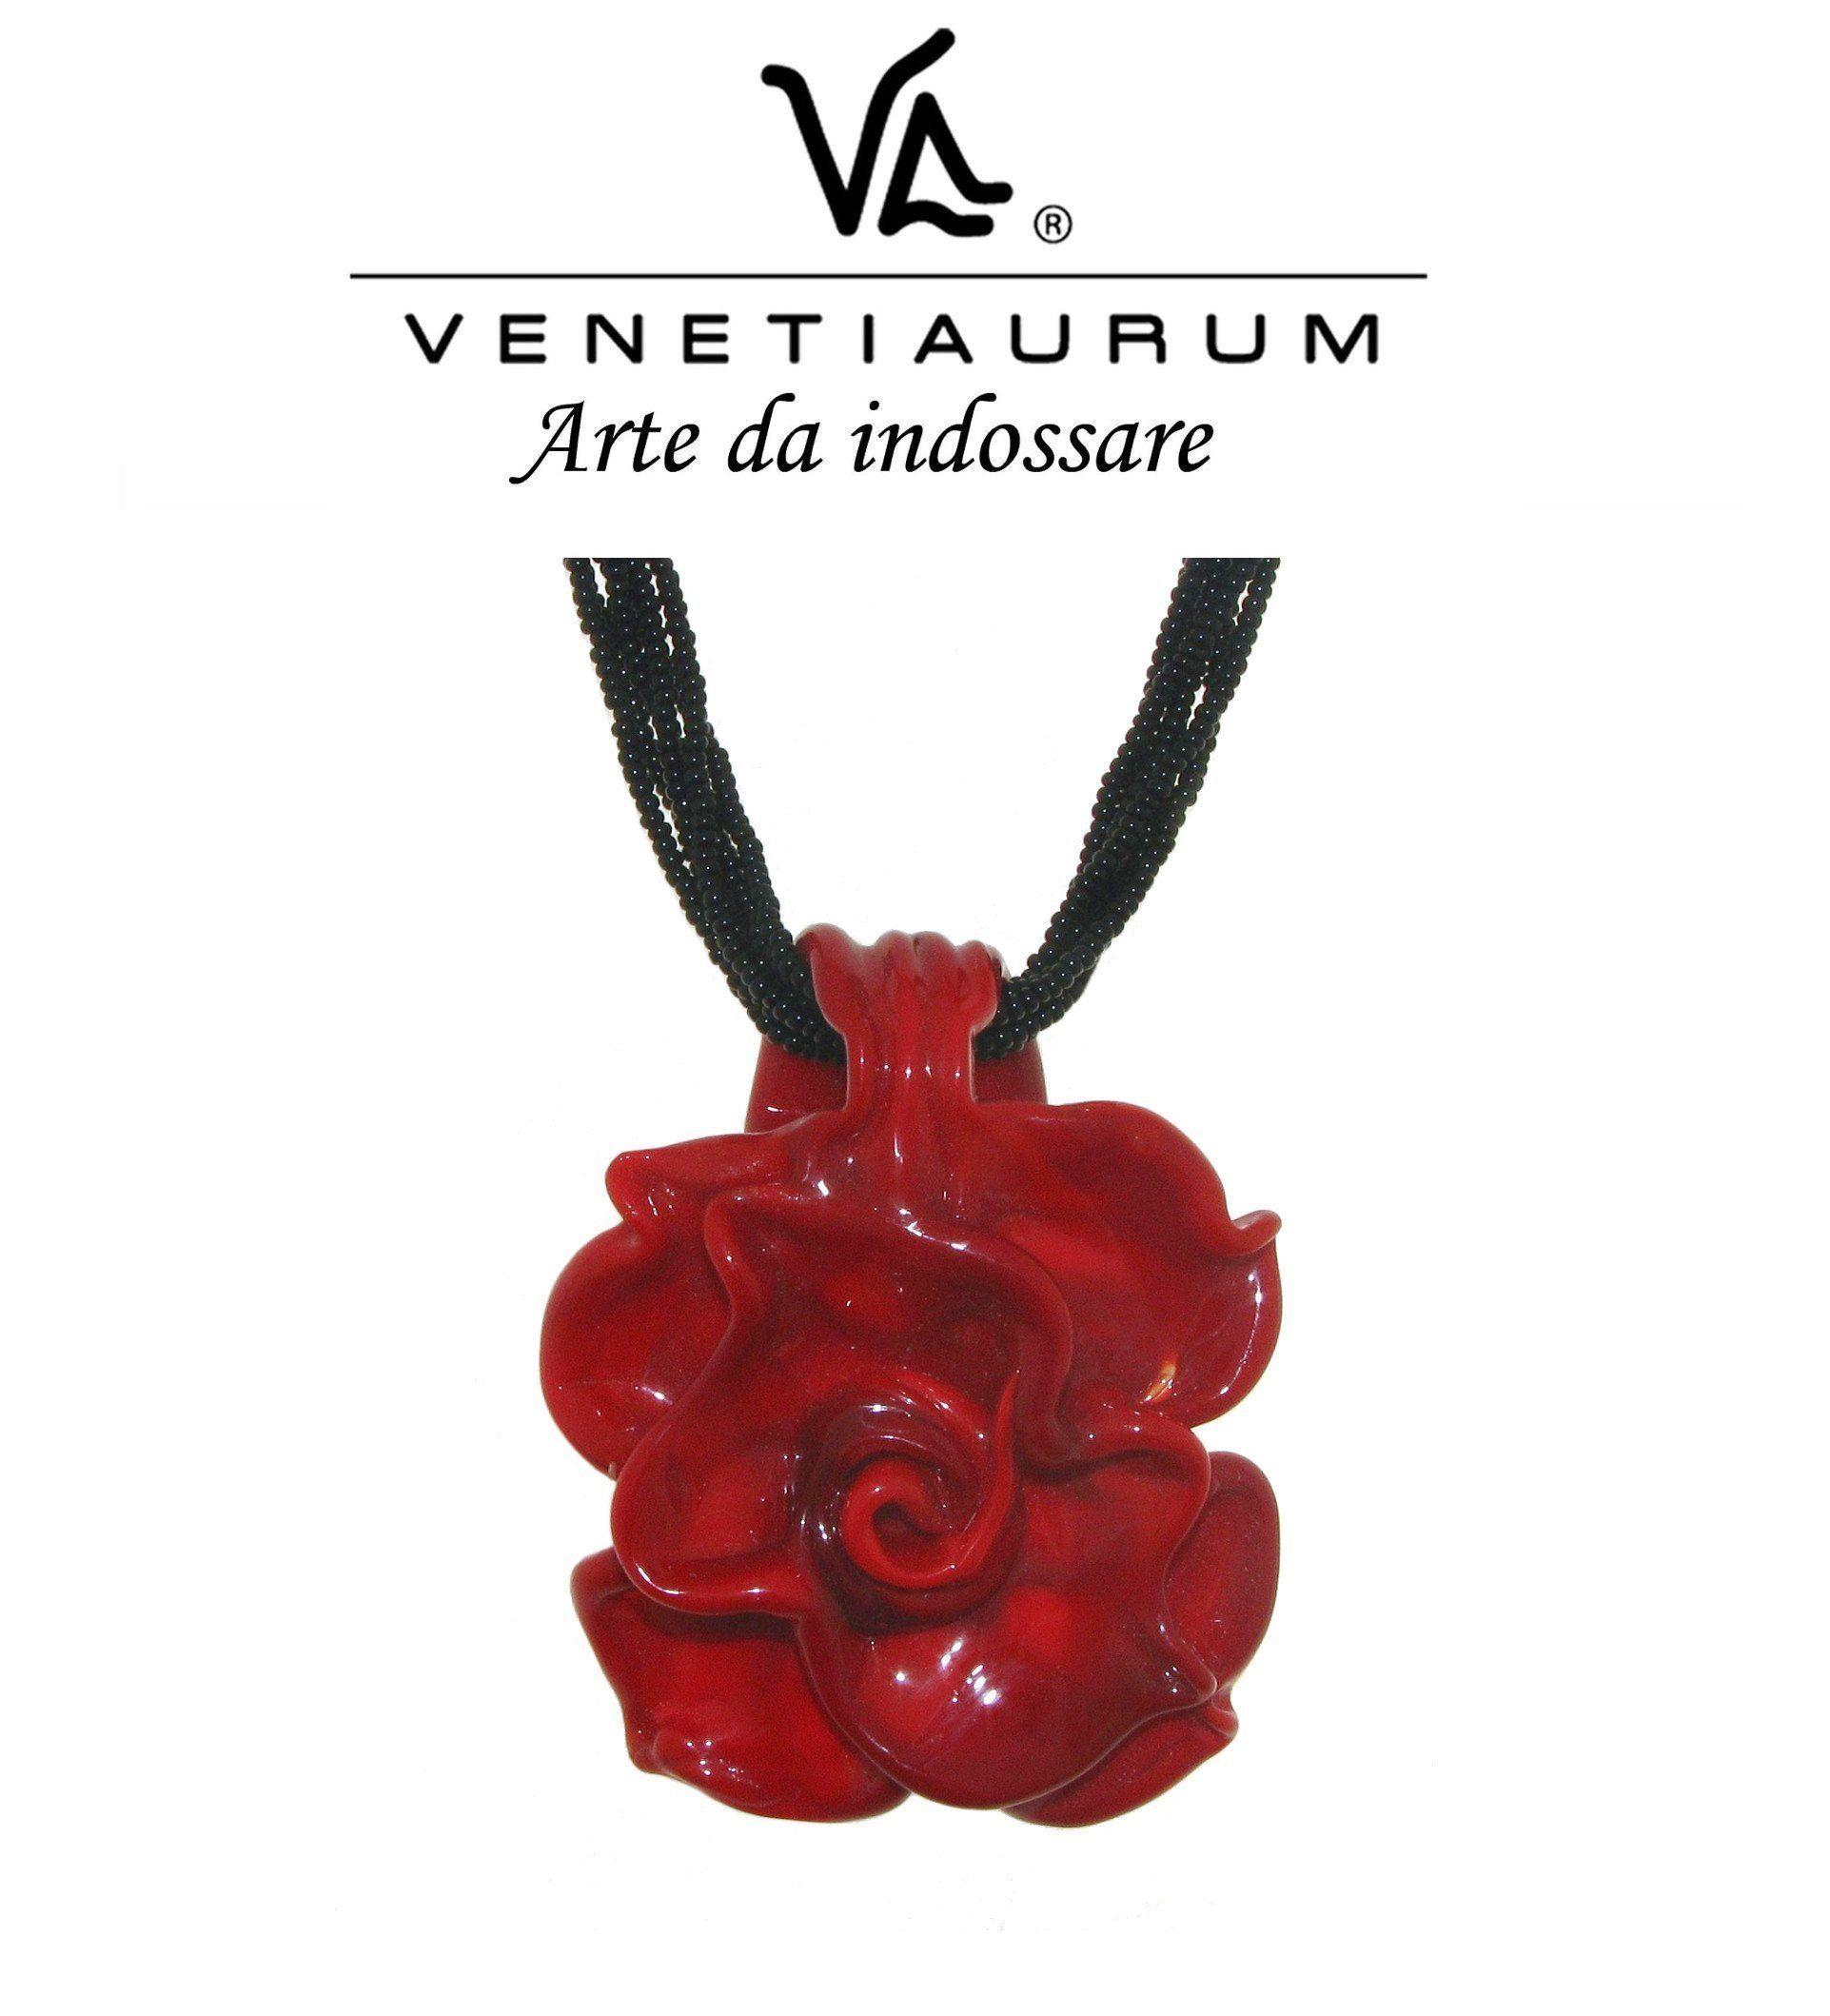 Orecchini donna in vetro originale di Murano e argento 925 Gioiello Made in Italy certificato Venetiaurum